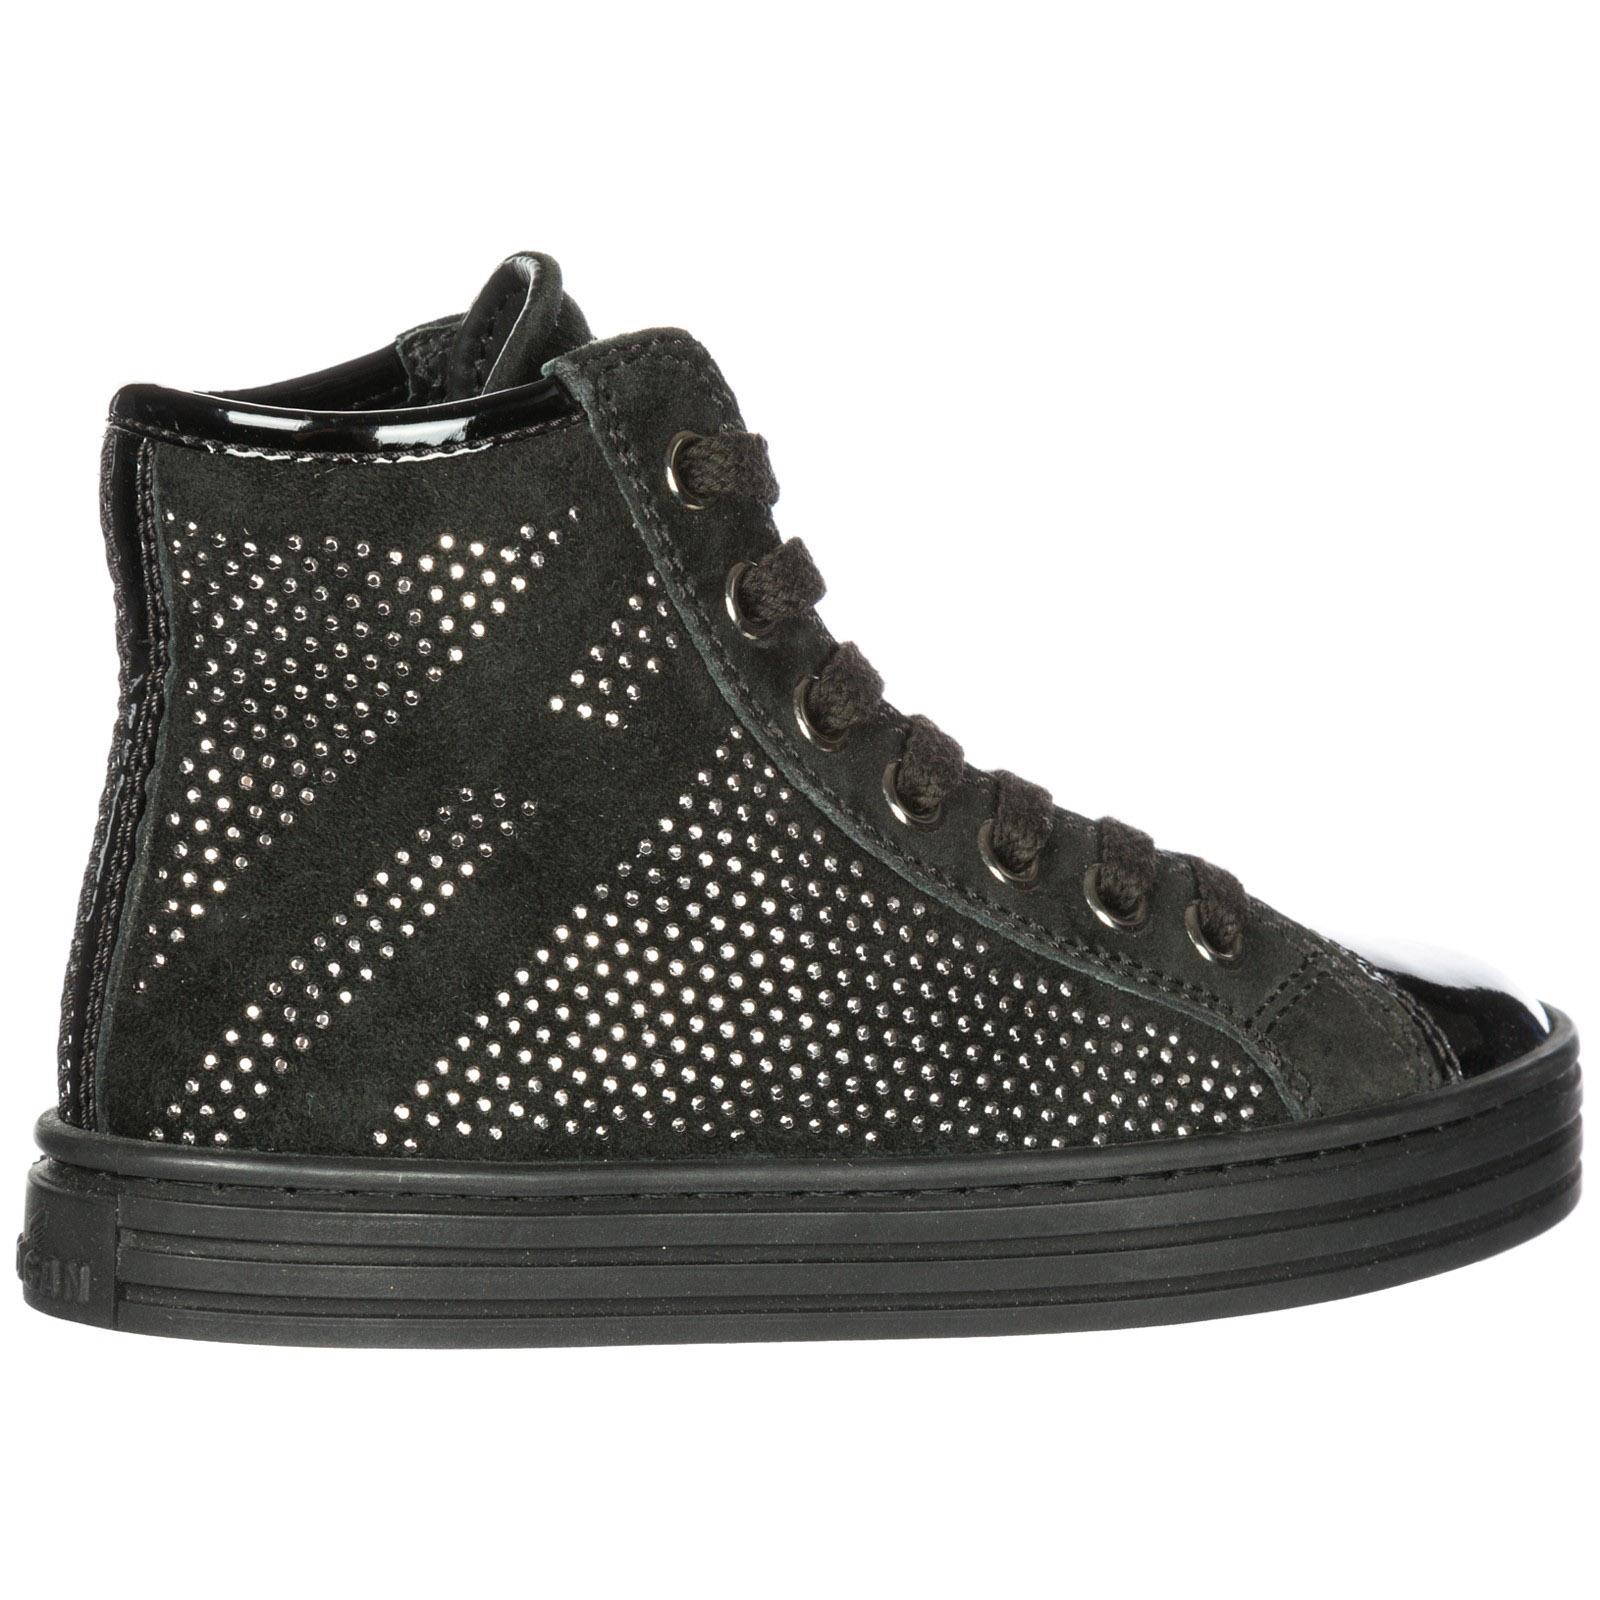 Scarpe sneakers bambina alte camoscio r141